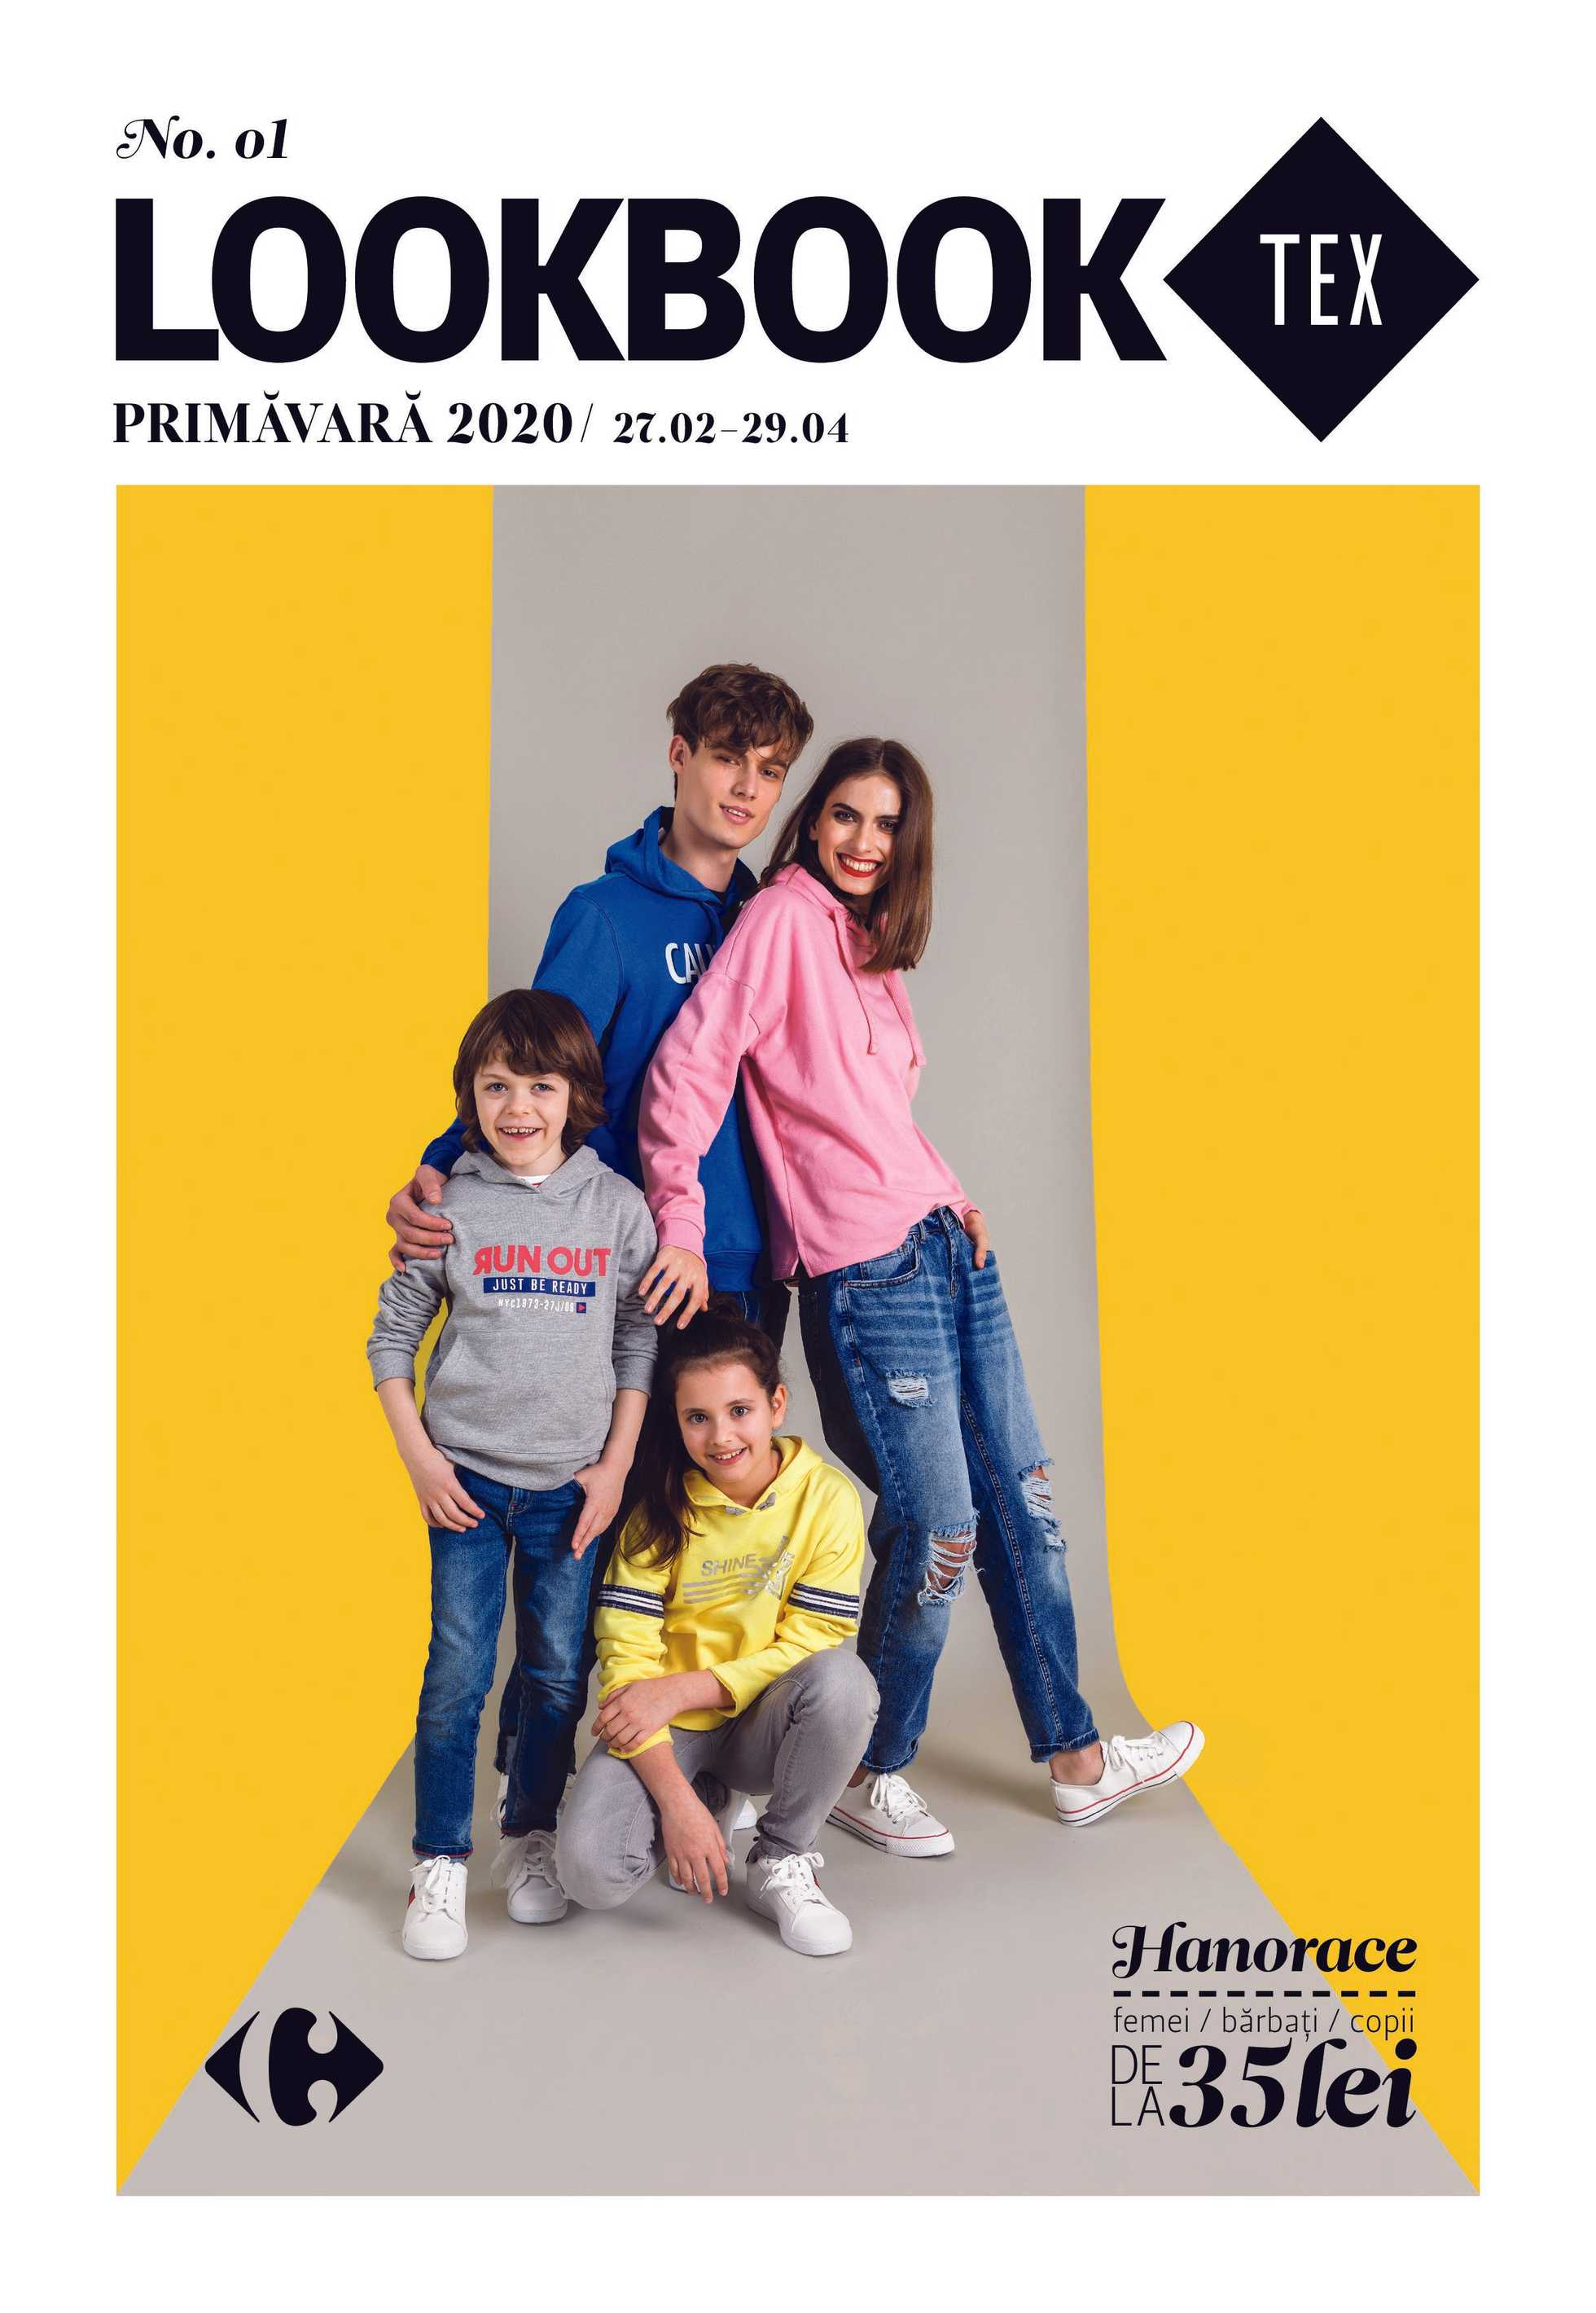 Carrefour - promo începând de la 27.02.2020 până la 29.04.2020 - pagină 1.